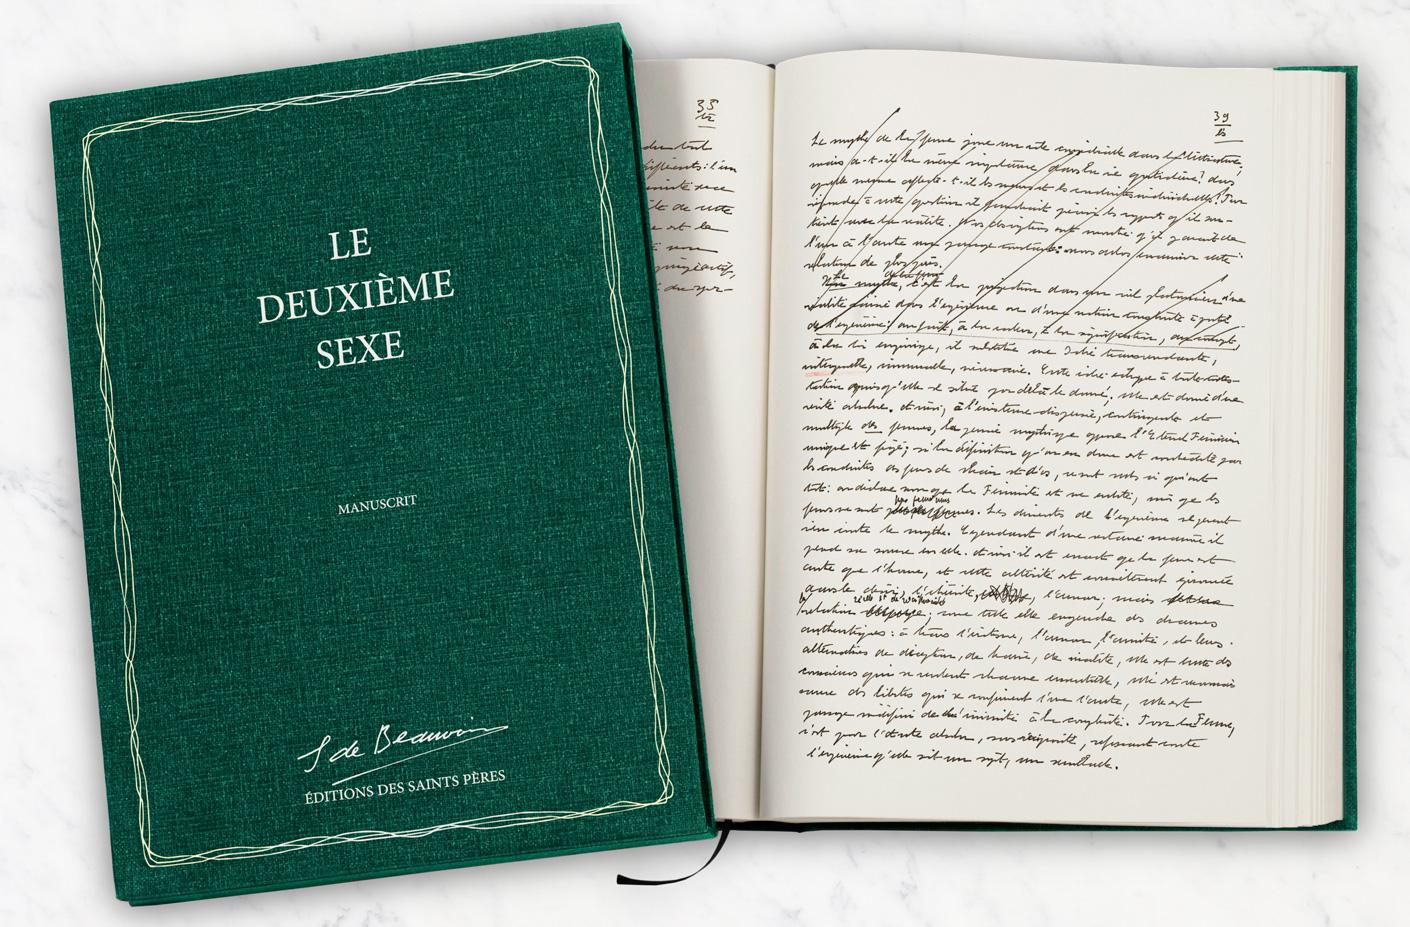 le coffret et le livre ouvert d l'édition manuscrite du Deuxième sexe